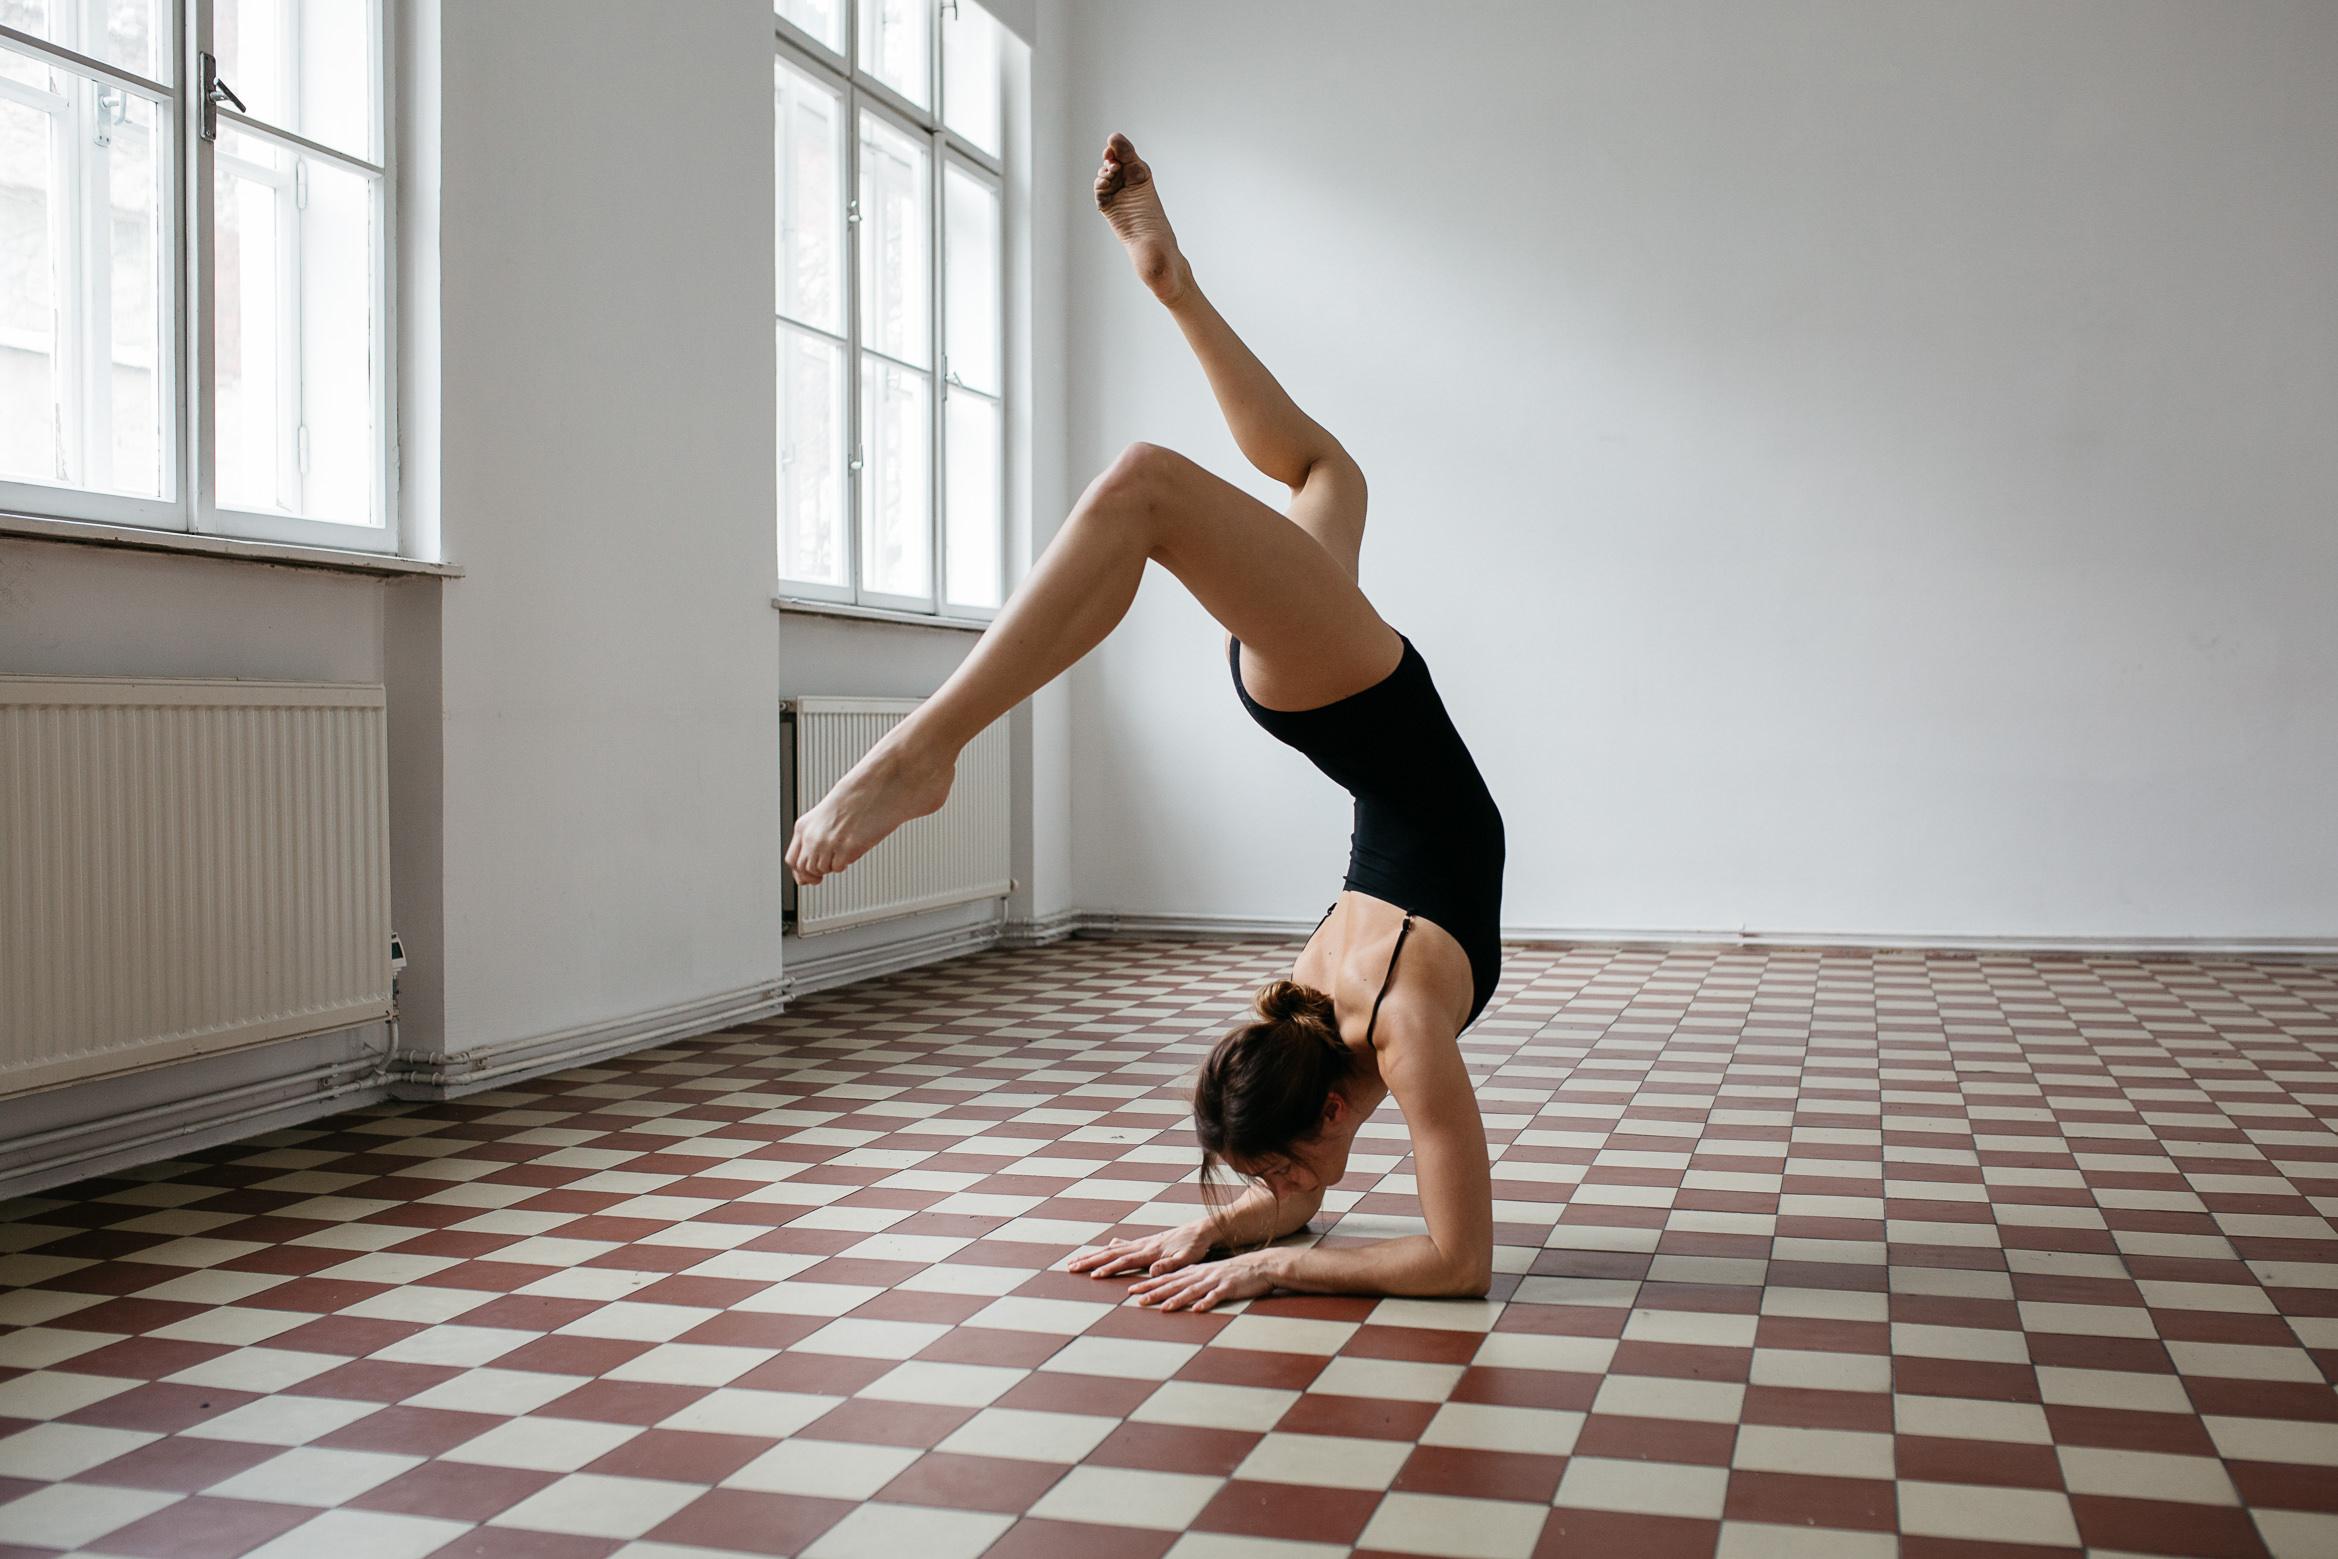 dancer artist portraits_künstlerporträt-09.jpg